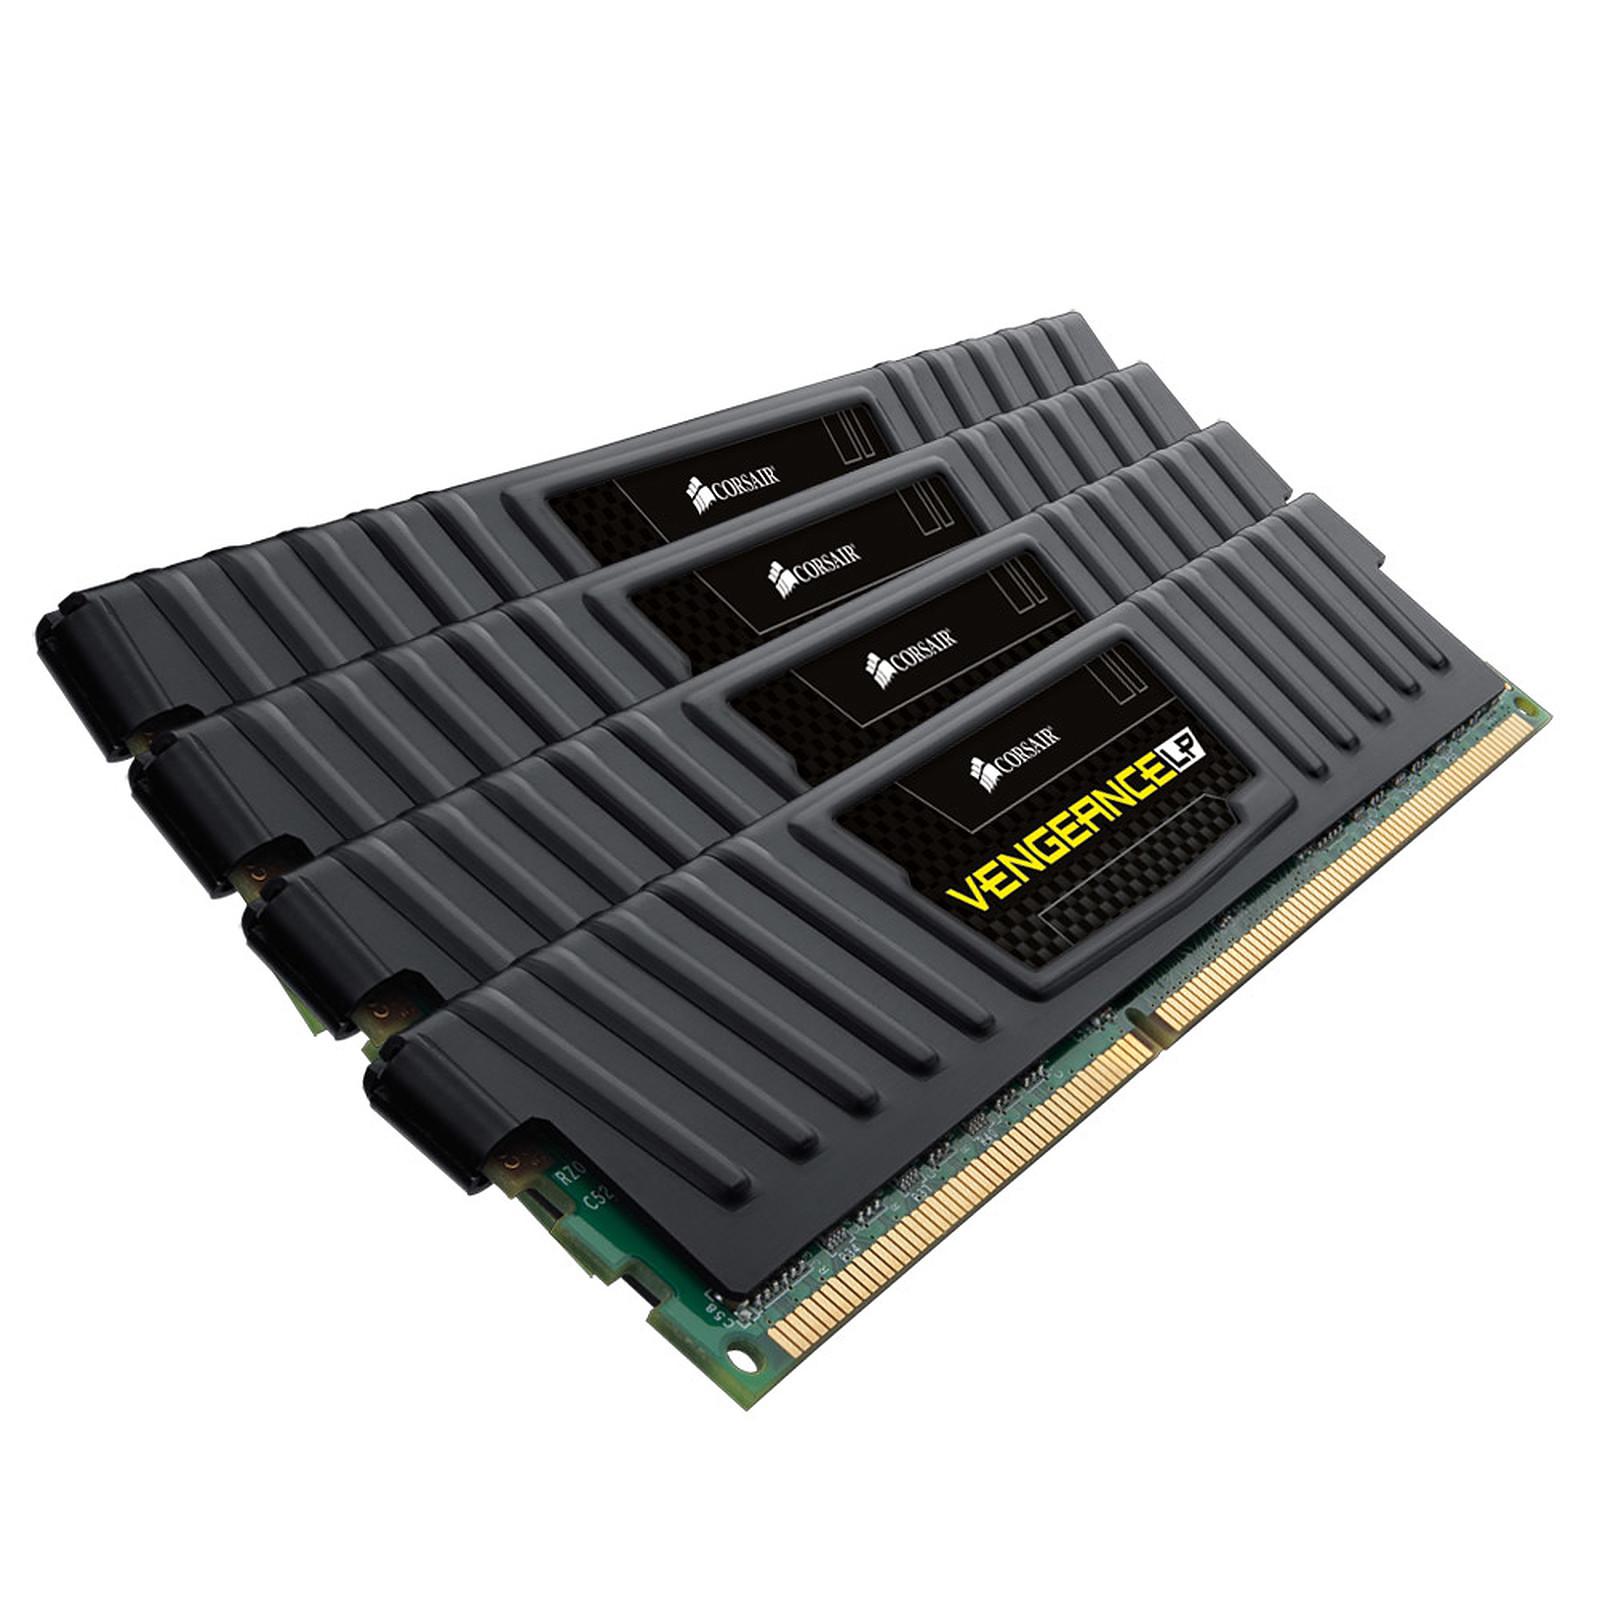 Corsair Vengeance Low Profile Series 16 Go (4x 4 Go) DDR3 1600 MHz CL9